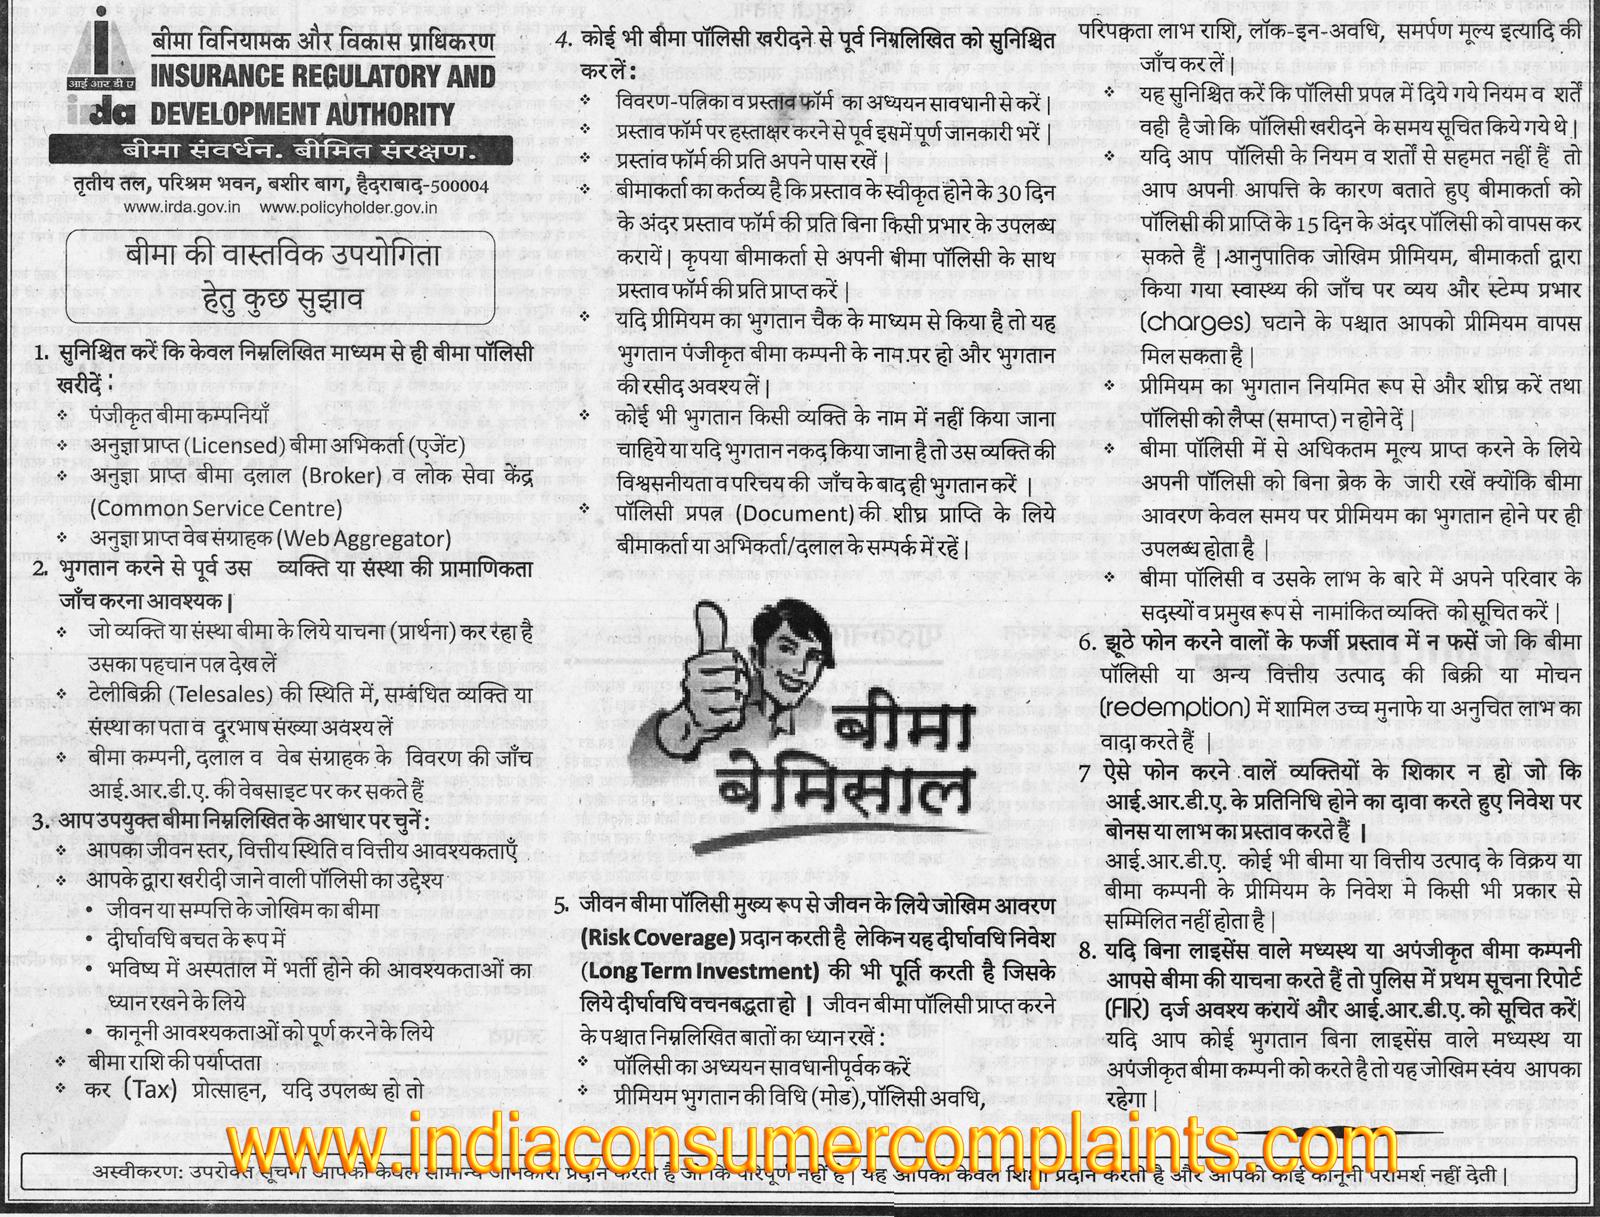 IRDA(बीमा विनियामक और विकास प्रधिकरण) से जारी सुझाव